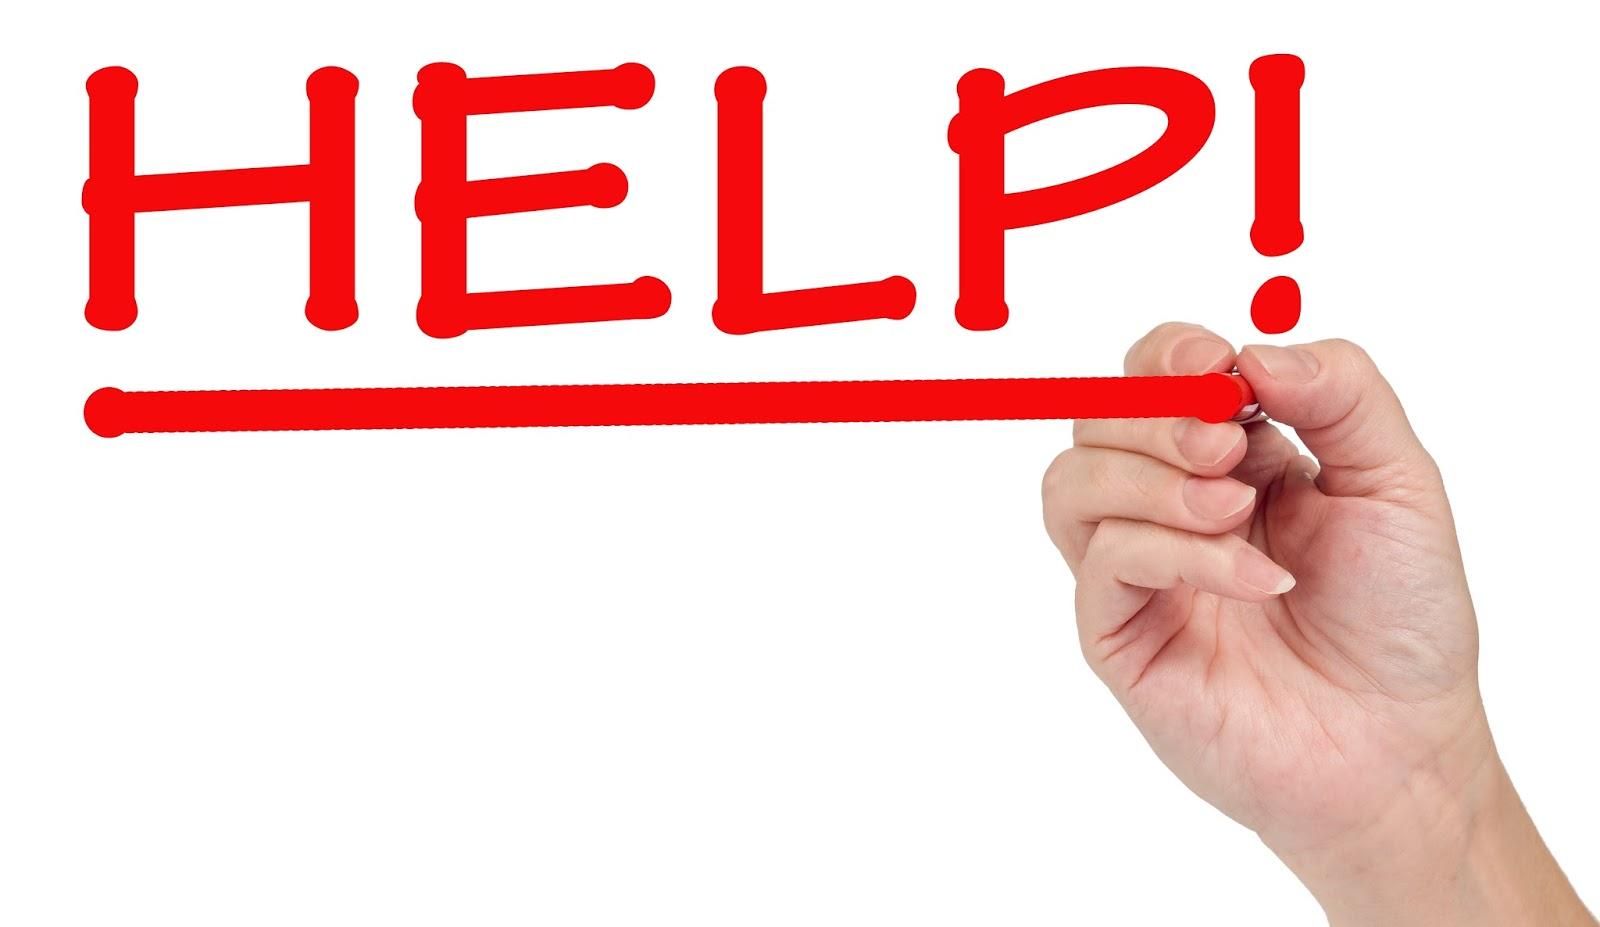 help Sap help portal.